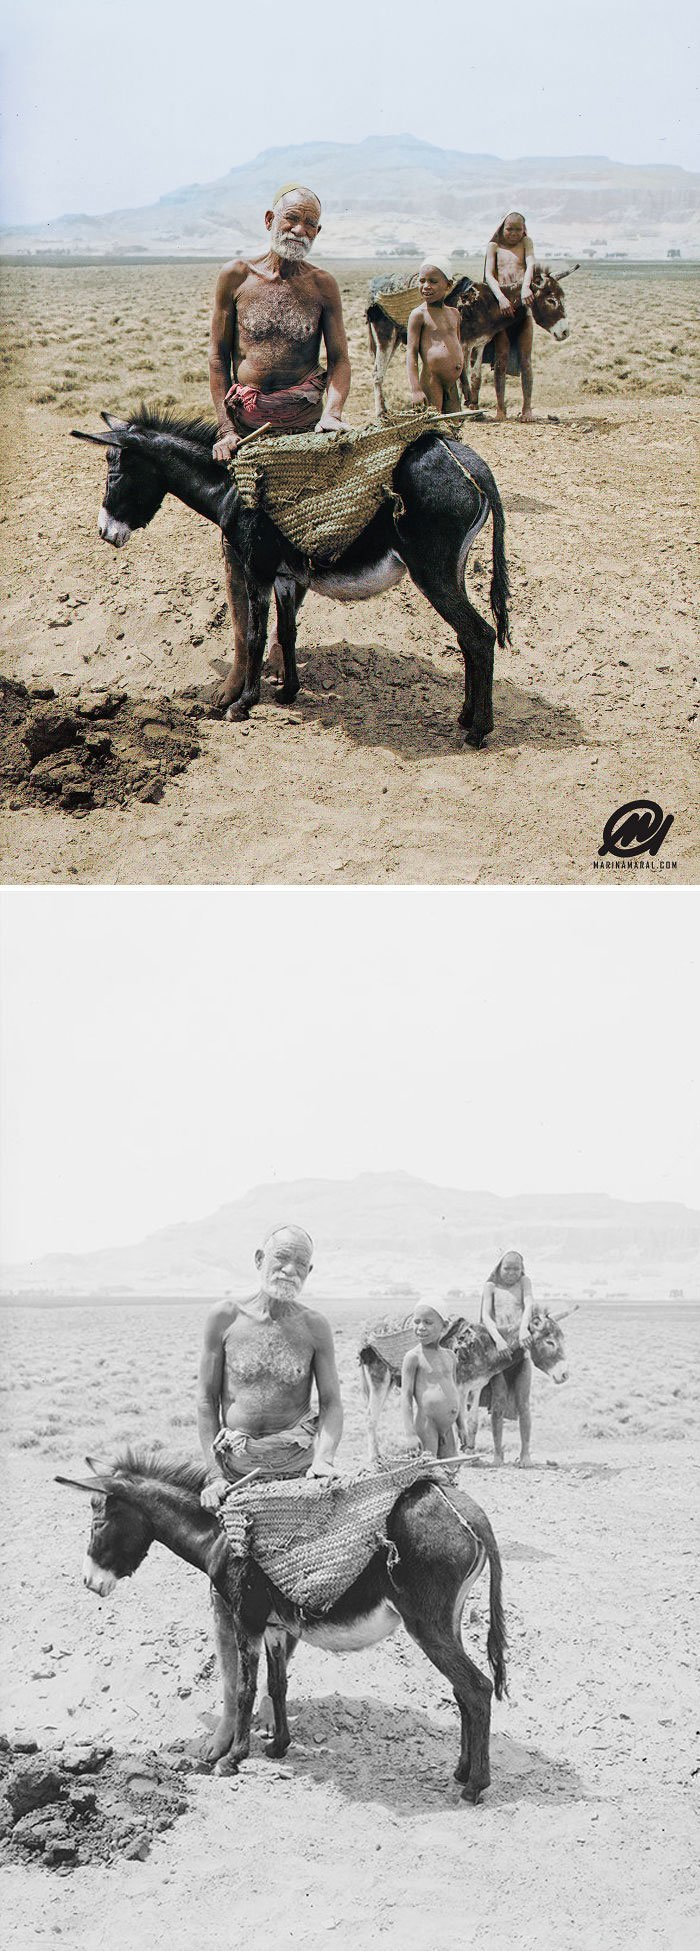 Крестьяне, Египет, 1900-е история, портрет, прошлое, событие, фотография, фотомир, цвет